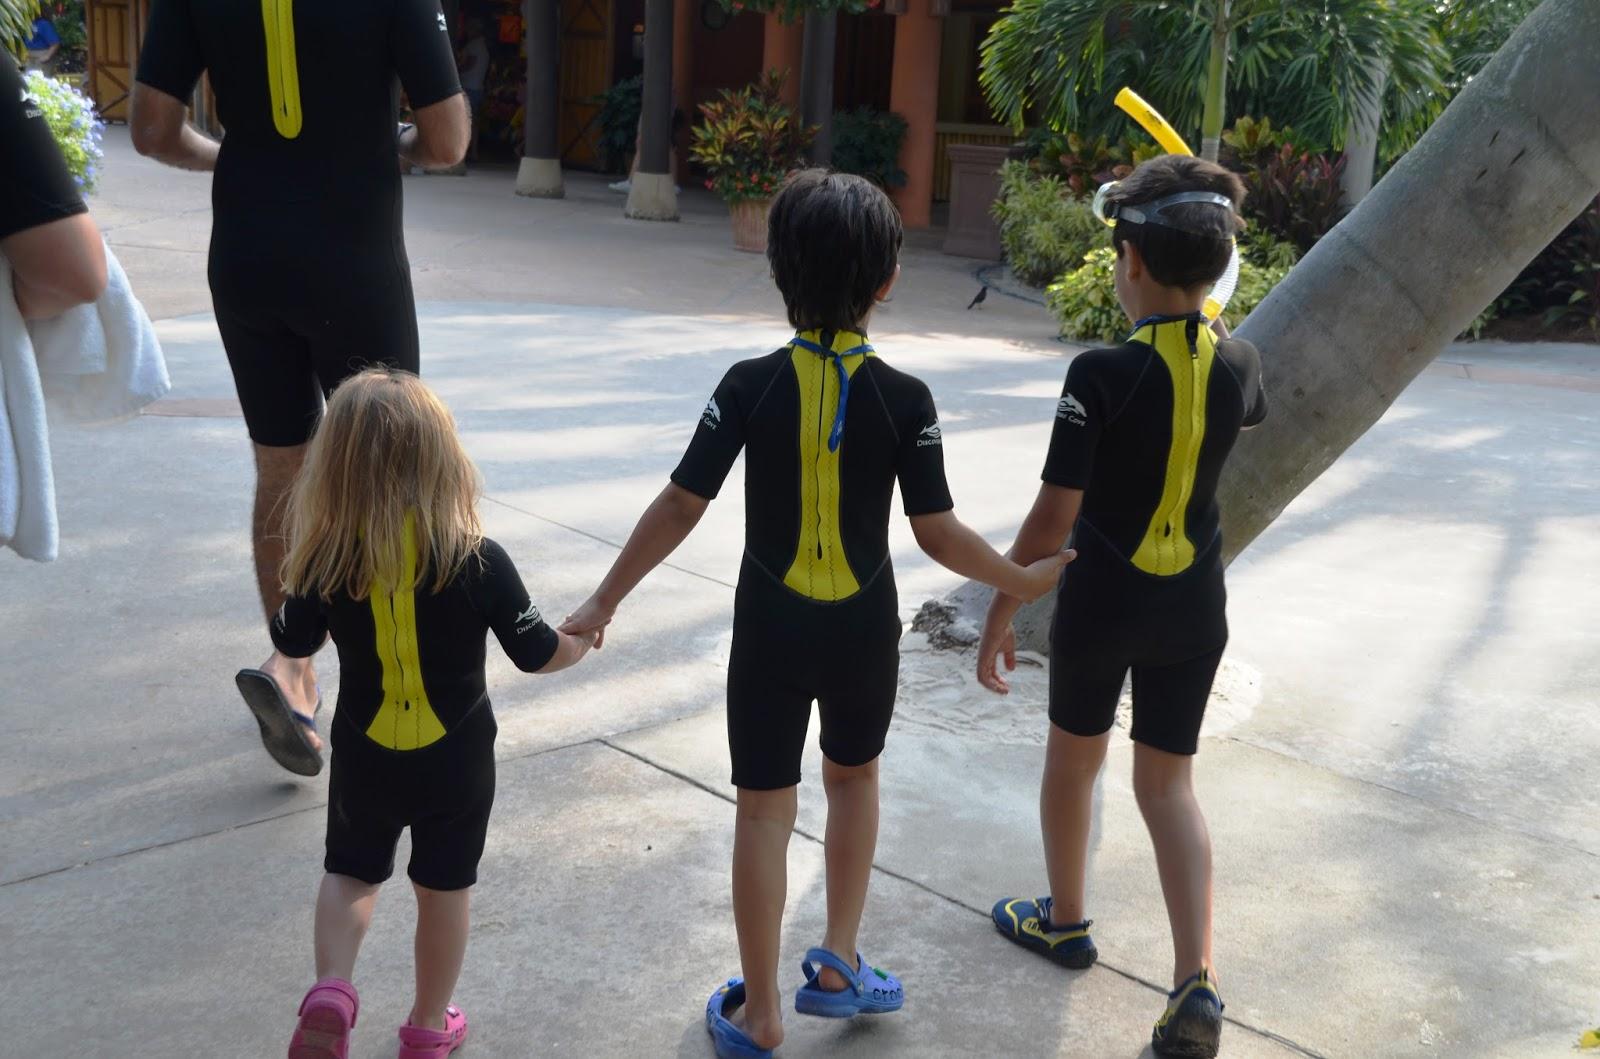 Por aí com os Pires   Blog de viagem em Família  Orlando - Discovery ... 63f11fe14f